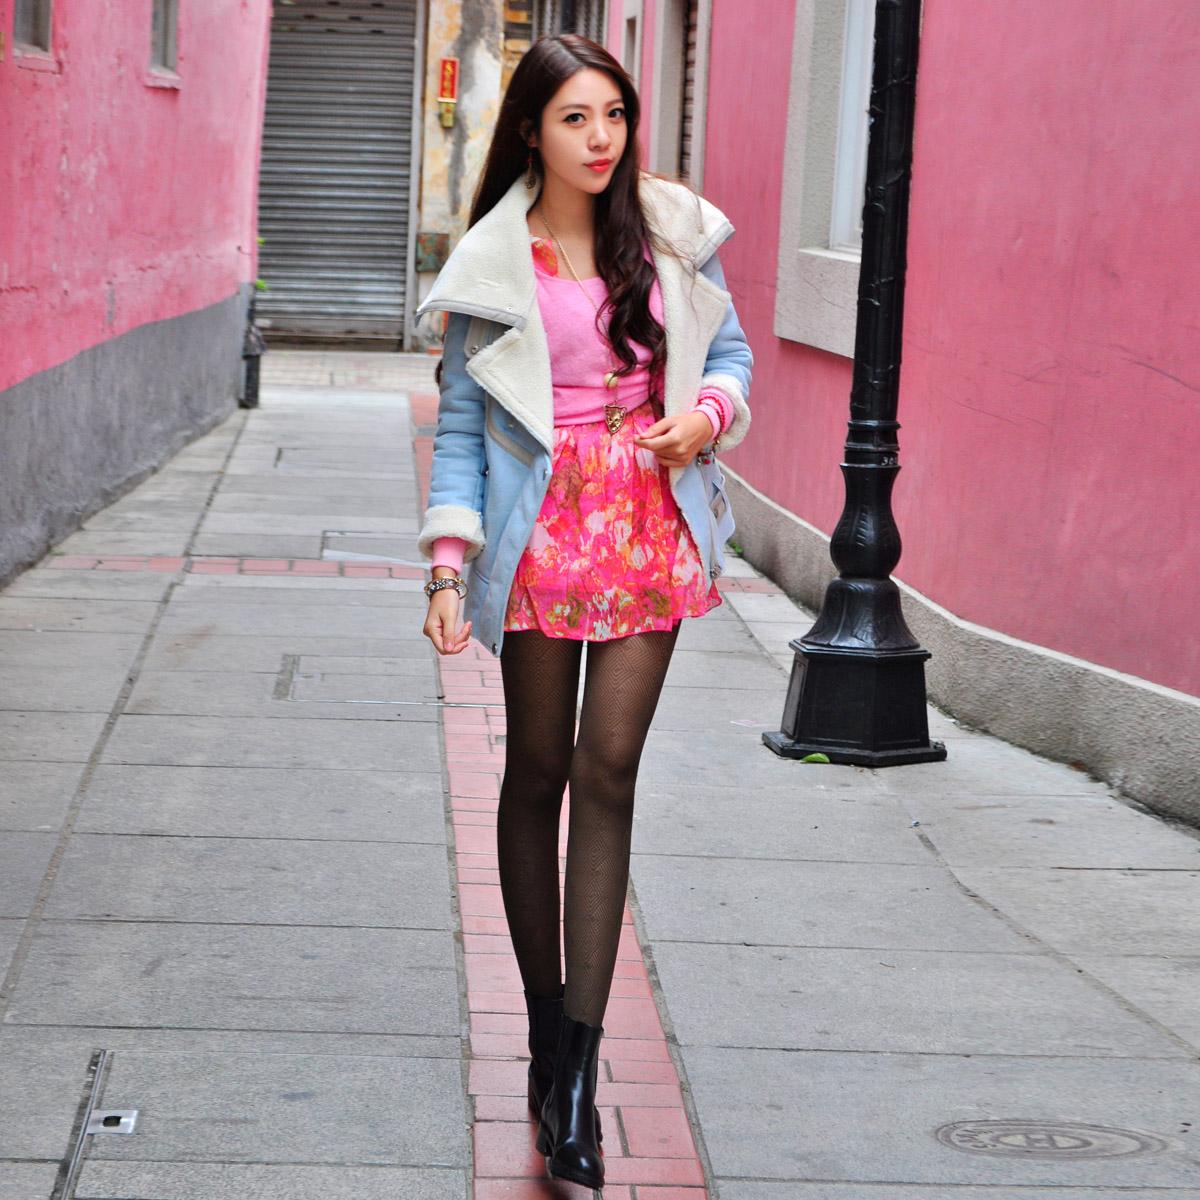 T-Baby韩版2014冬装新款女装廓形毛呢外套大衣中长款加厚加绒翻领